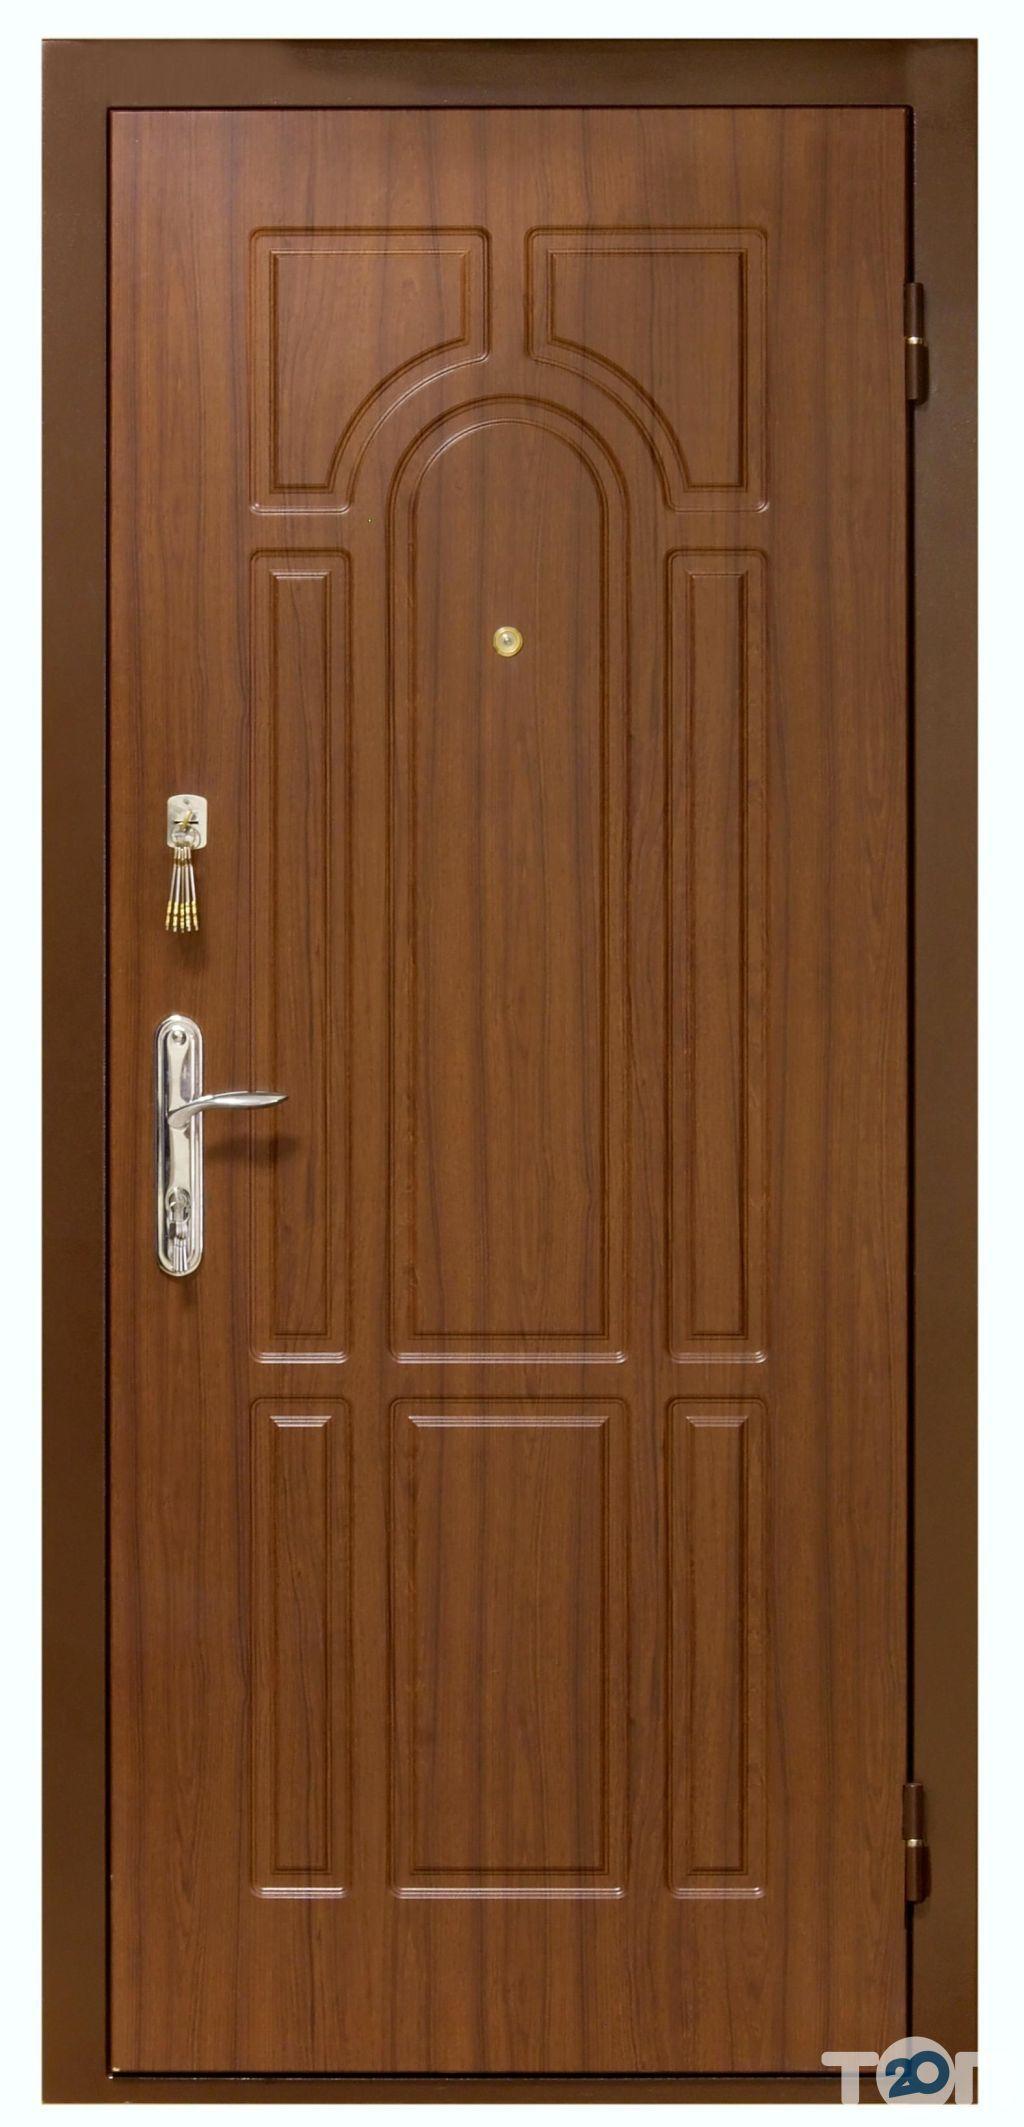 Коммунар, сталеві двері - фото 11